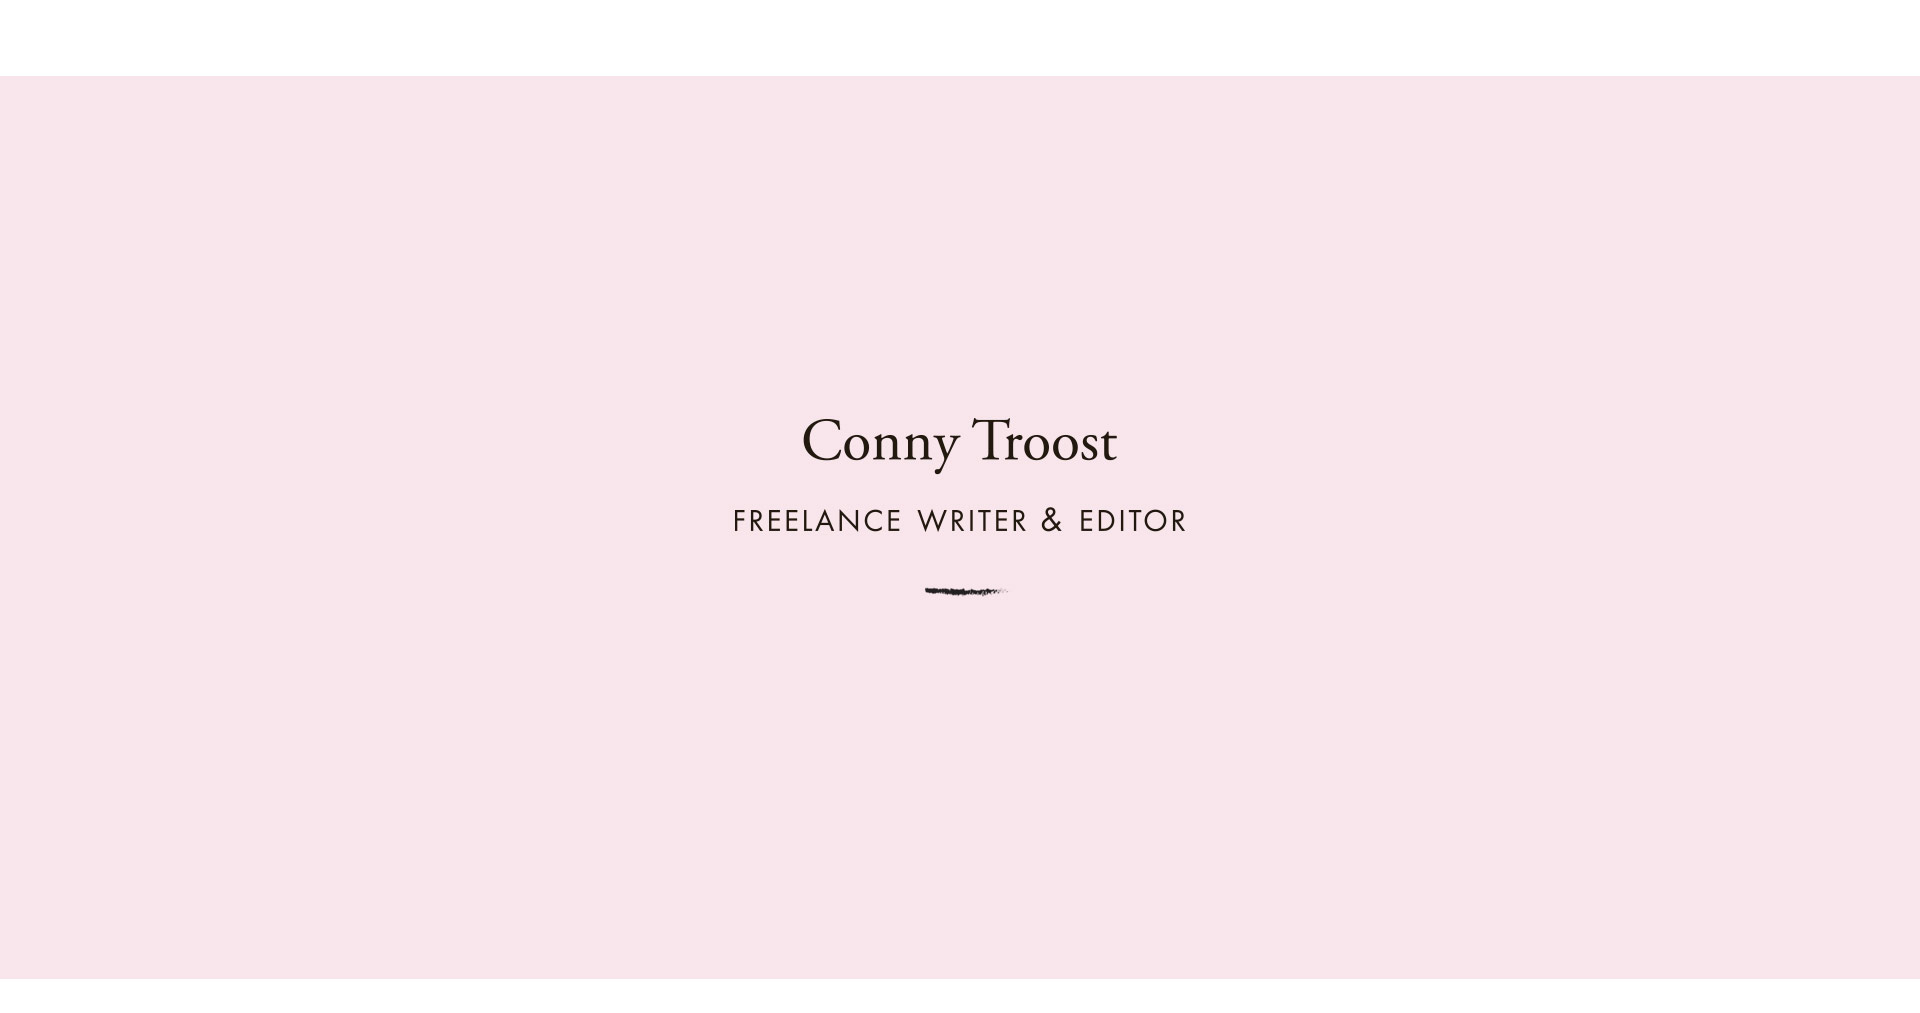 leconcepteur_designer_branding_conny_troost_logo